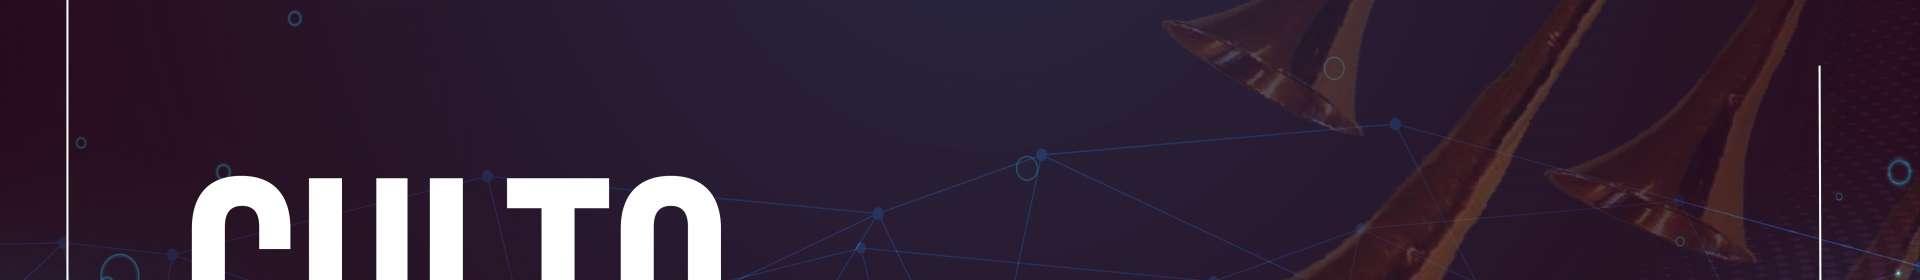 Culto via satélite exibido em 08/10/2019